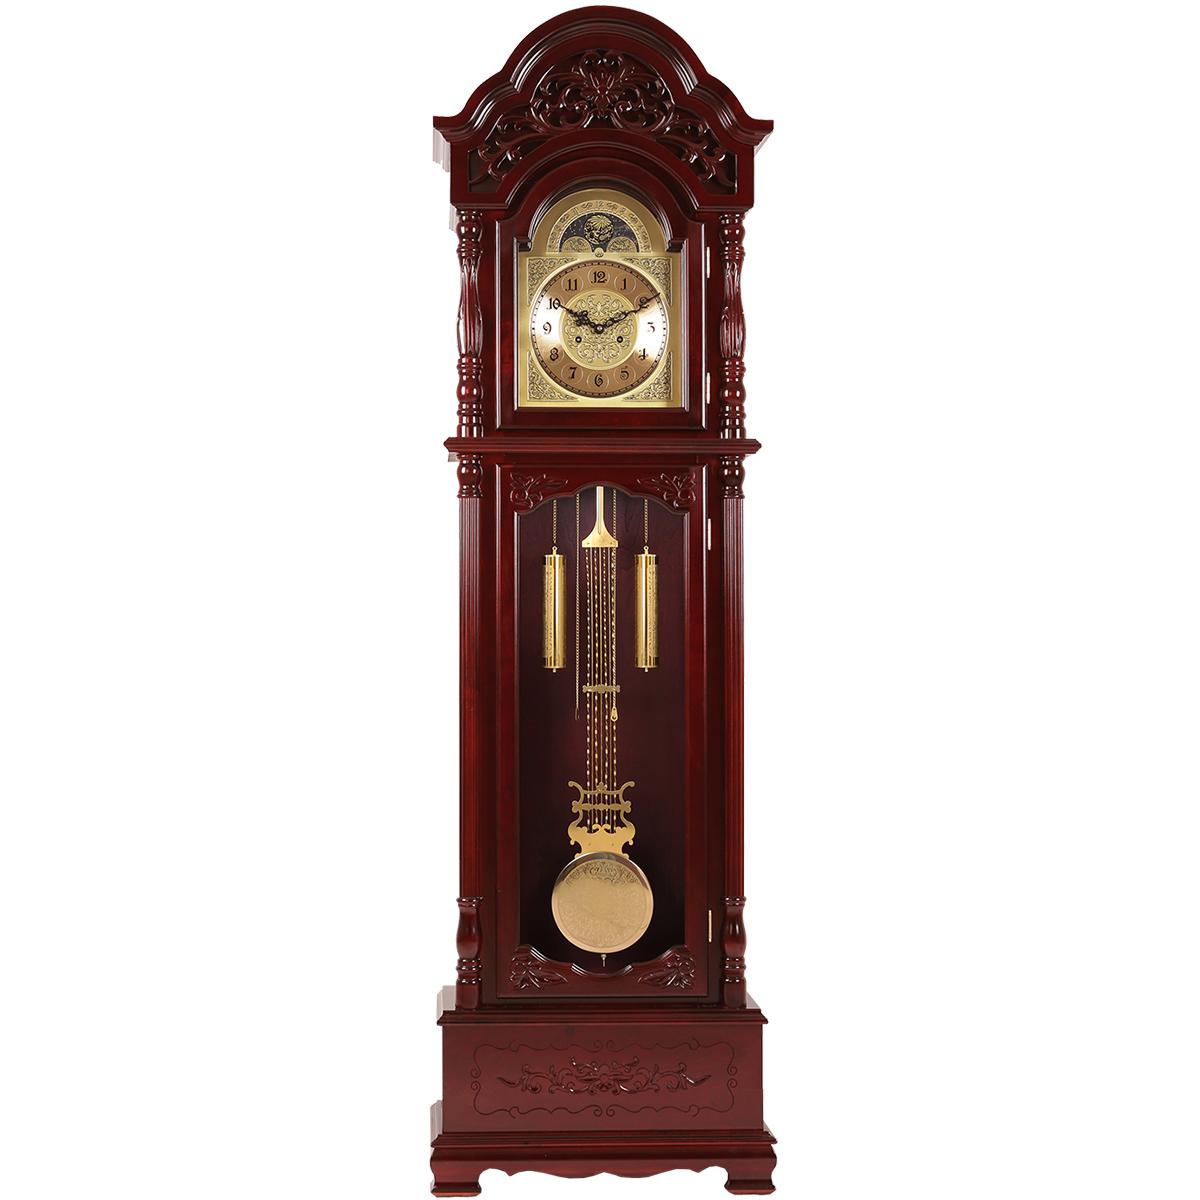 Horloge classique en bois massif Polaris horloge verticale de type horloge de plancher horloge de style européen pendule horloge lorsque l'horloge de siège mécanique